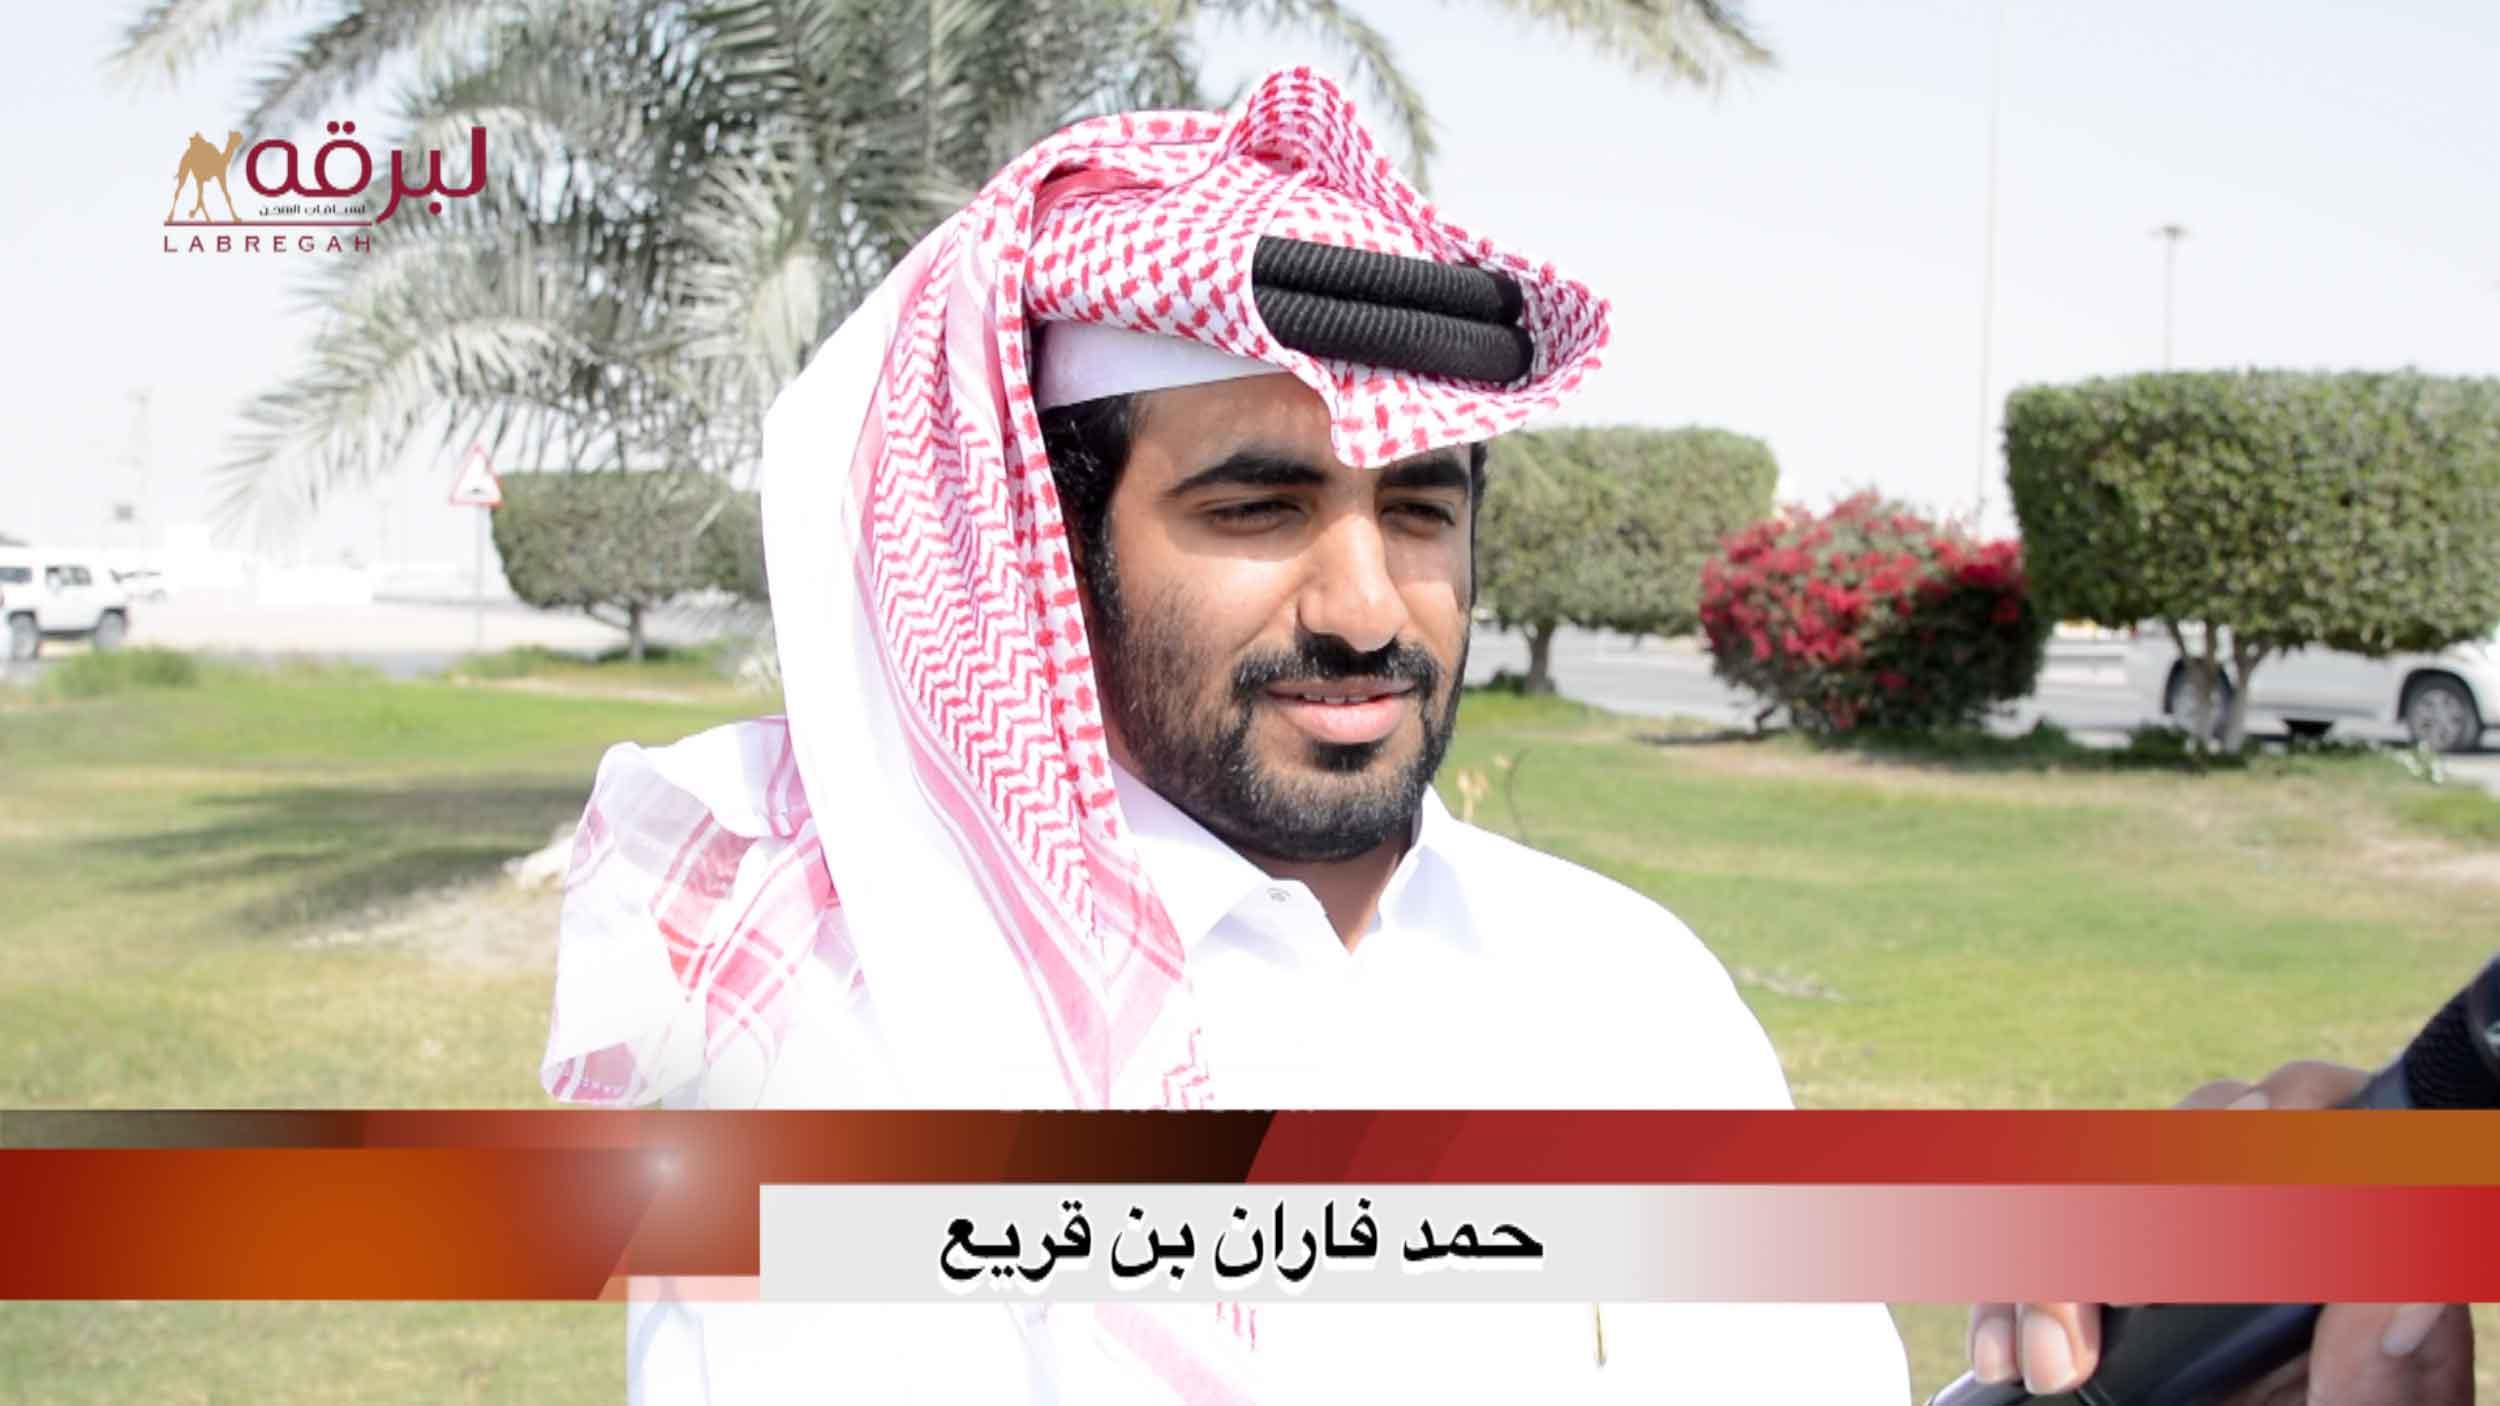 لقاء مع حمد فاران بن قريع.. الشوط الرئيسي للزمول « مفتوح » الأشواط العامة  ٦-٣-٢٠٢١